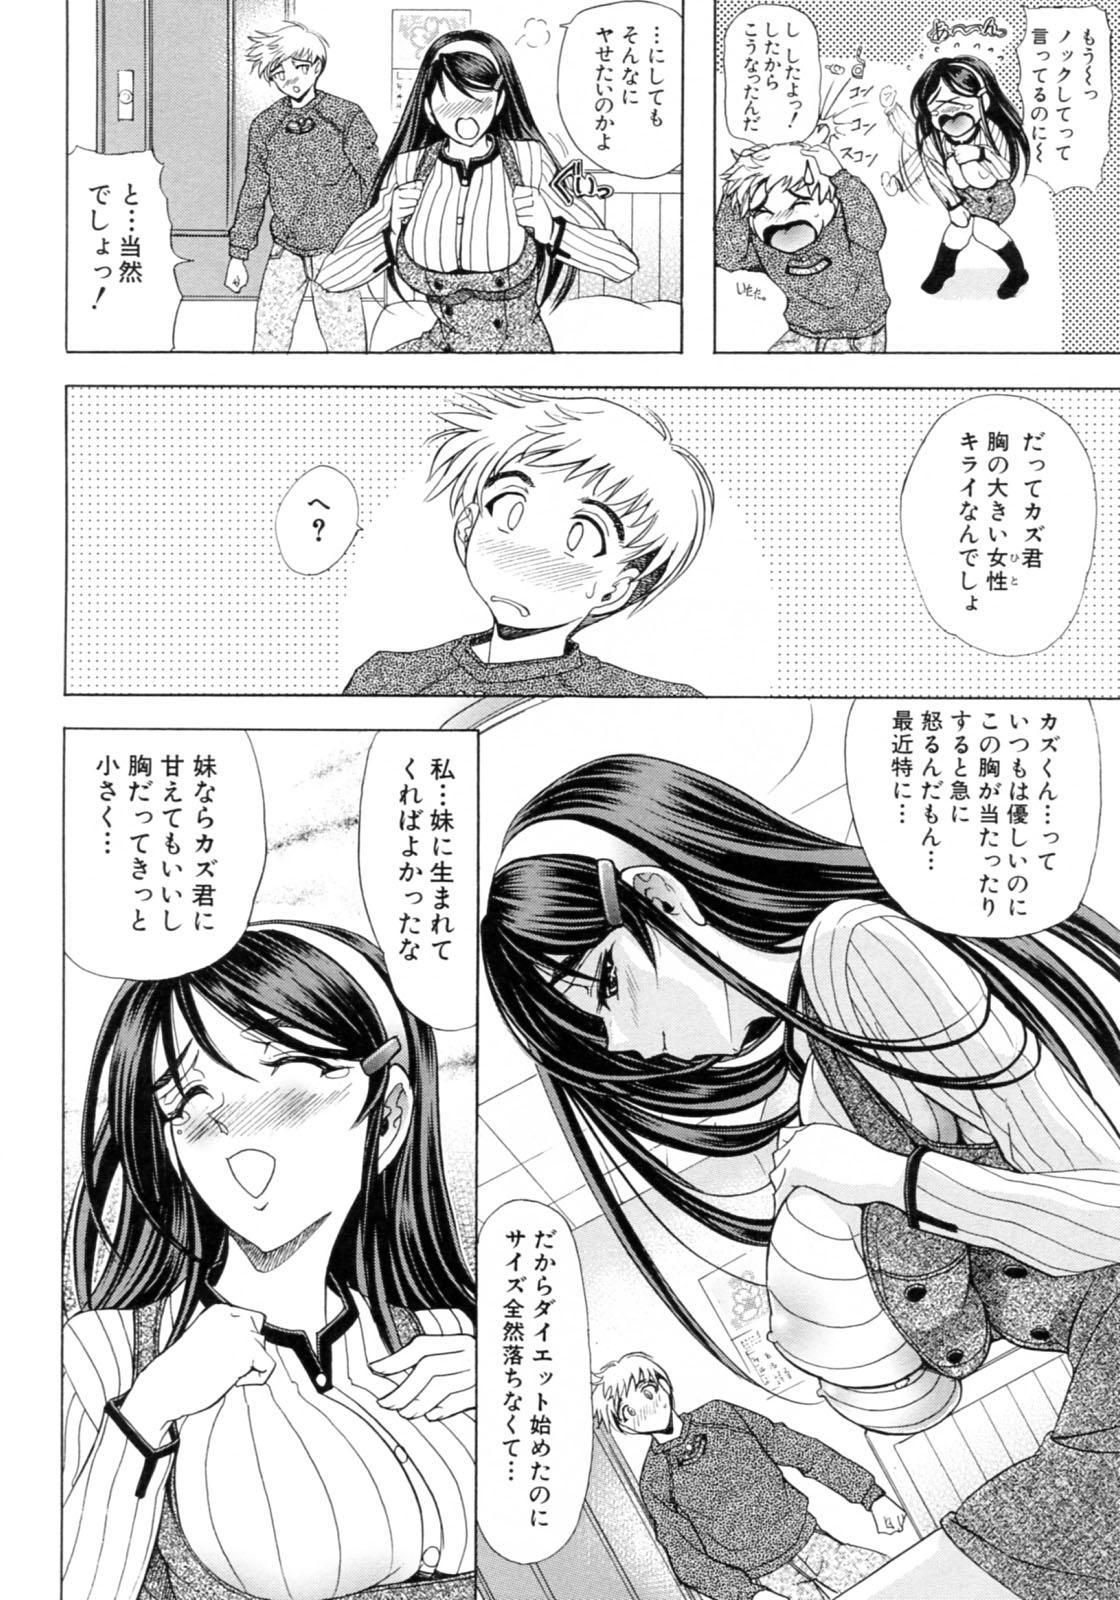 Kinsoku Shikou 35